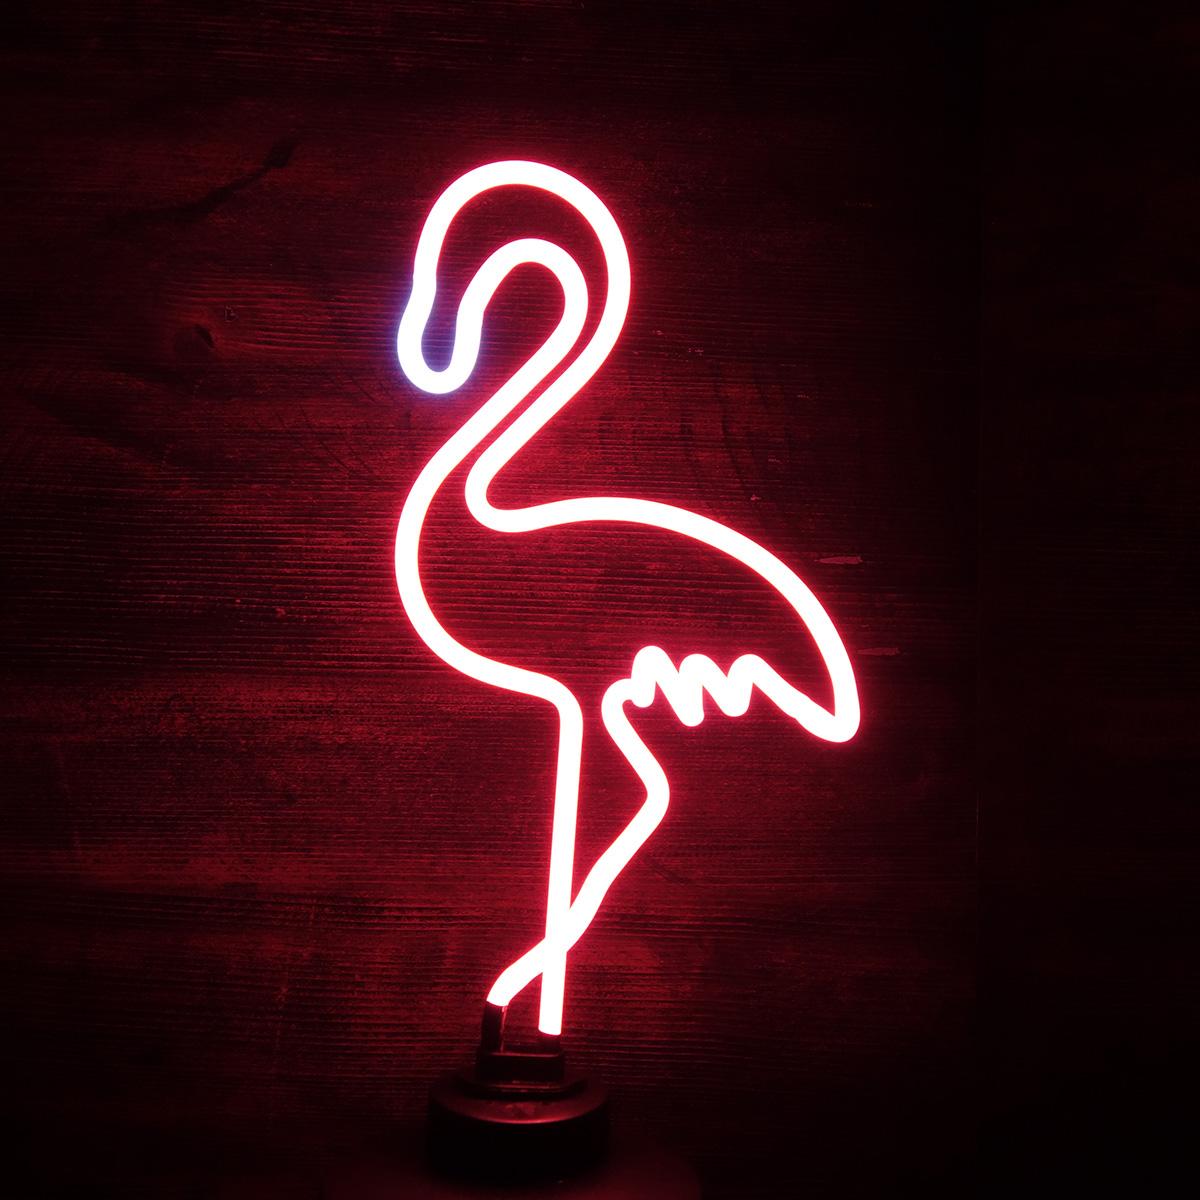 Lampada Neon Fenicottero